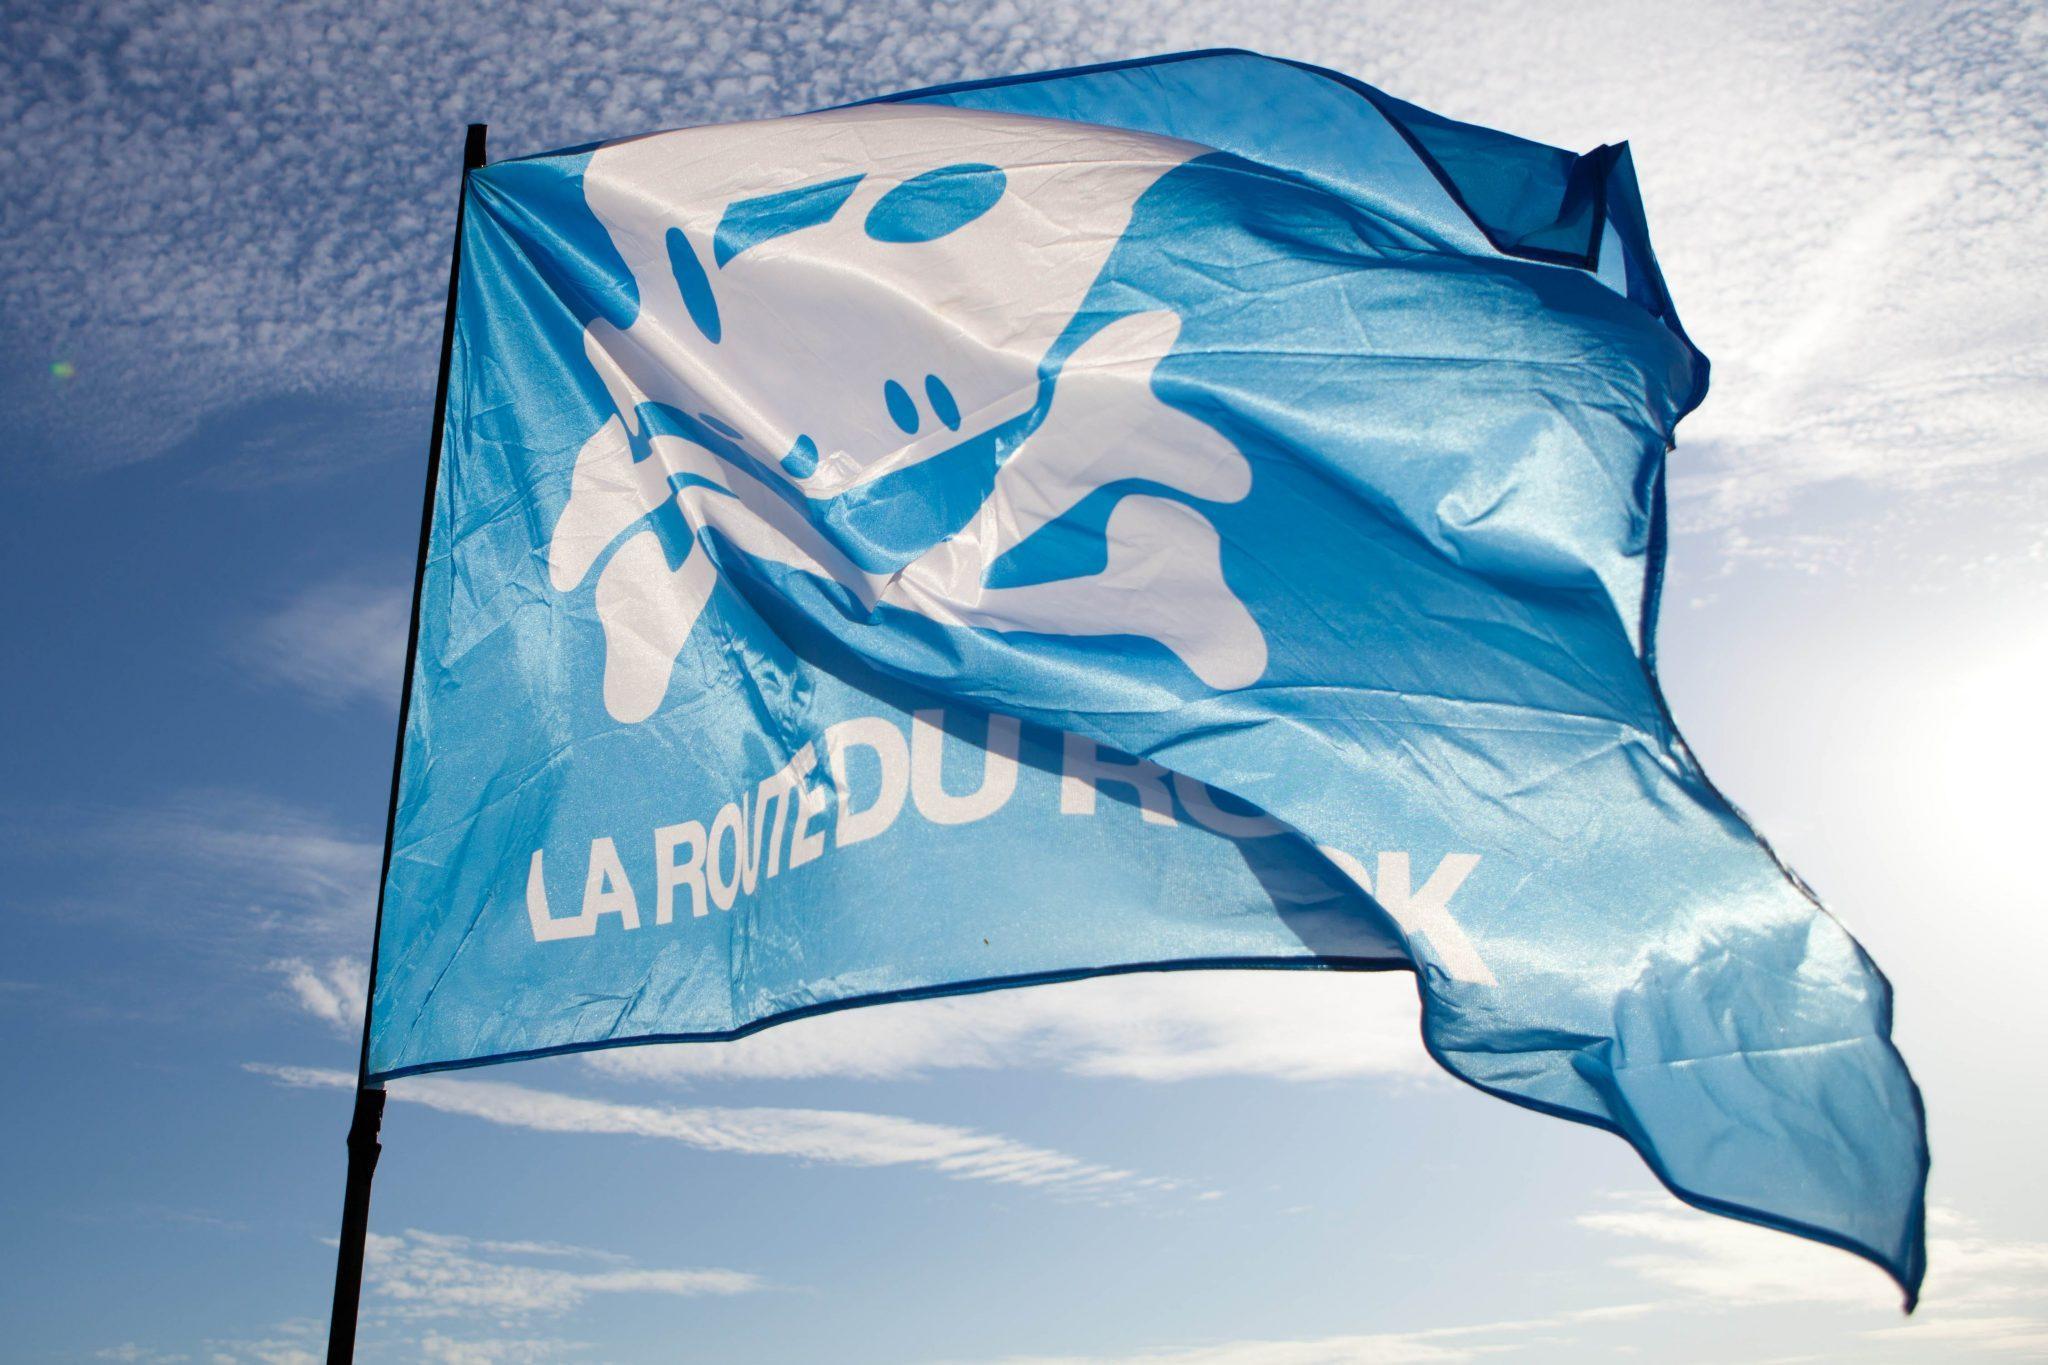 La Route du Rock image drapeau